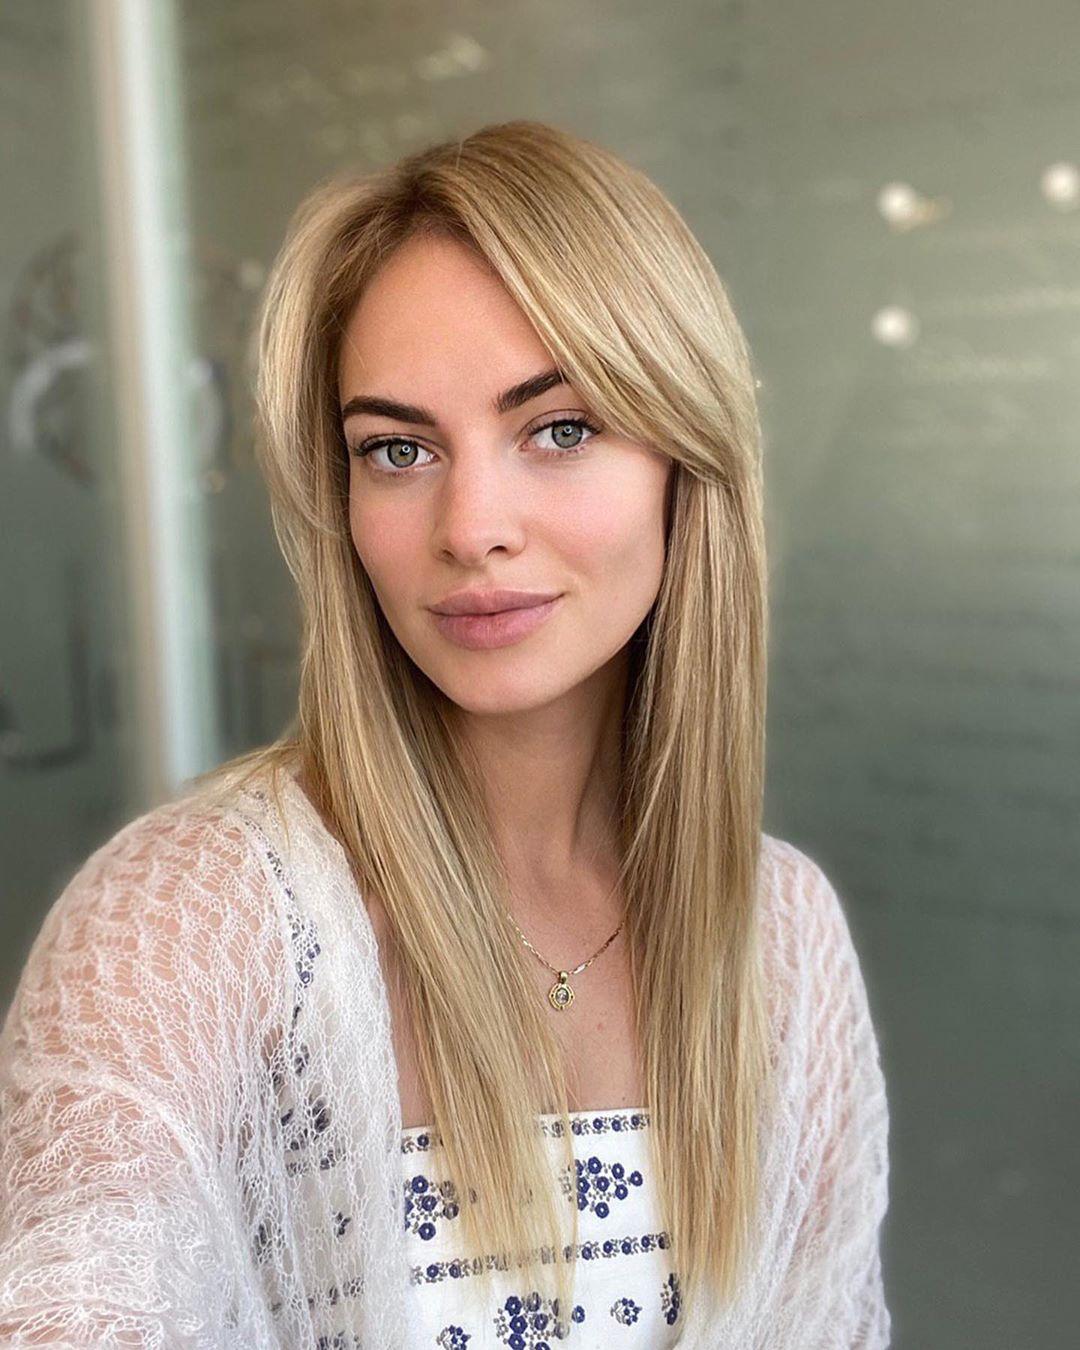 Корни волос: Как началась ваша неделя? ⠀ Моя с архитектуры бровей у   и новинки в области лечения ...